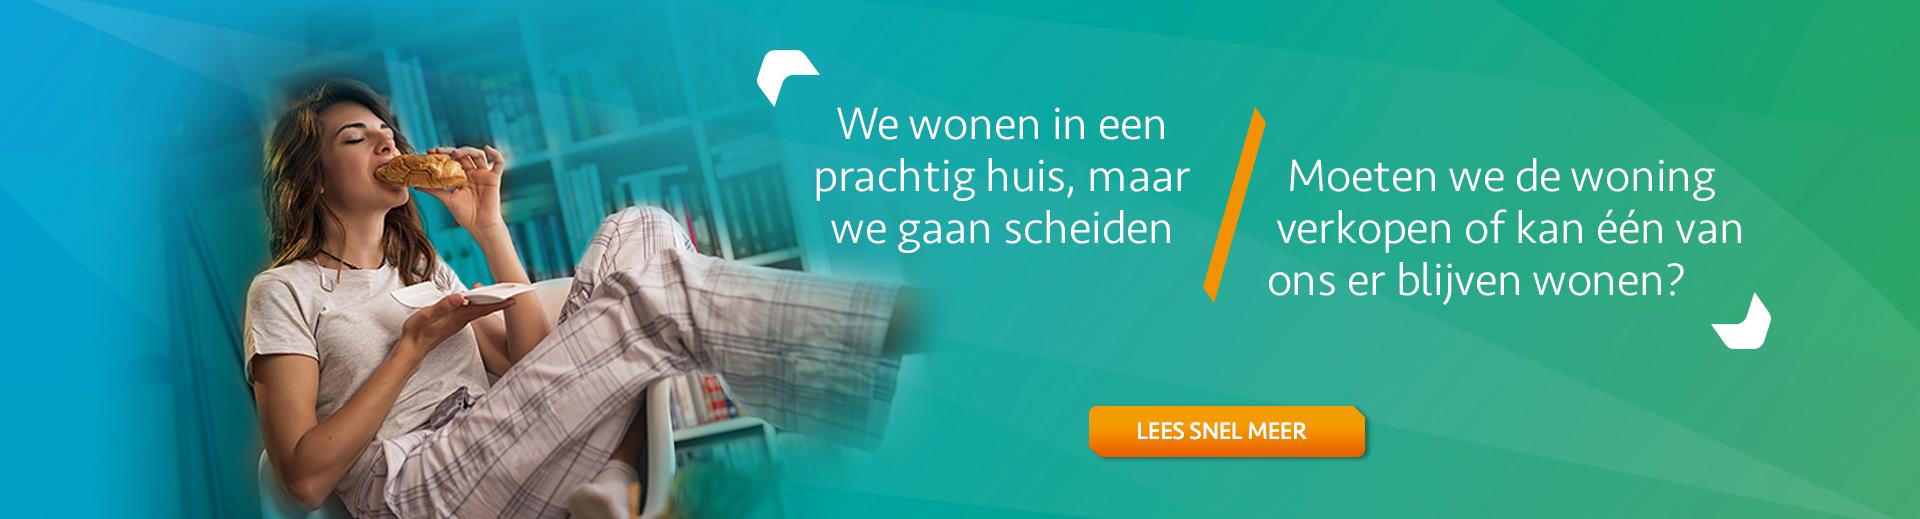 Scheiden met eigen huis - Scheidingsplanner Hilversum - Bilthoven - Soest - Het Gooi